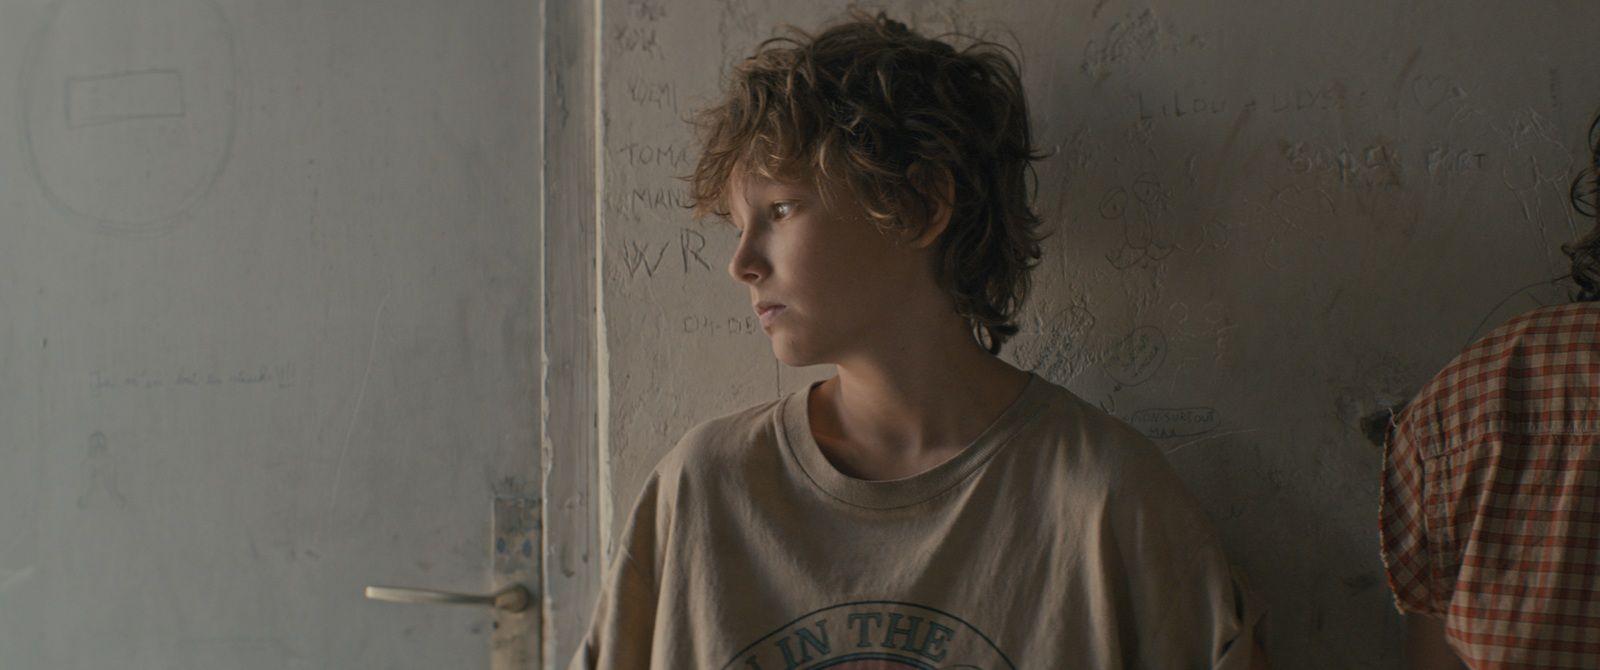 Pompei (BANDE-ANNONCE) de John Shank et Anna Falguères - Le 26 août 2020 au cinéma